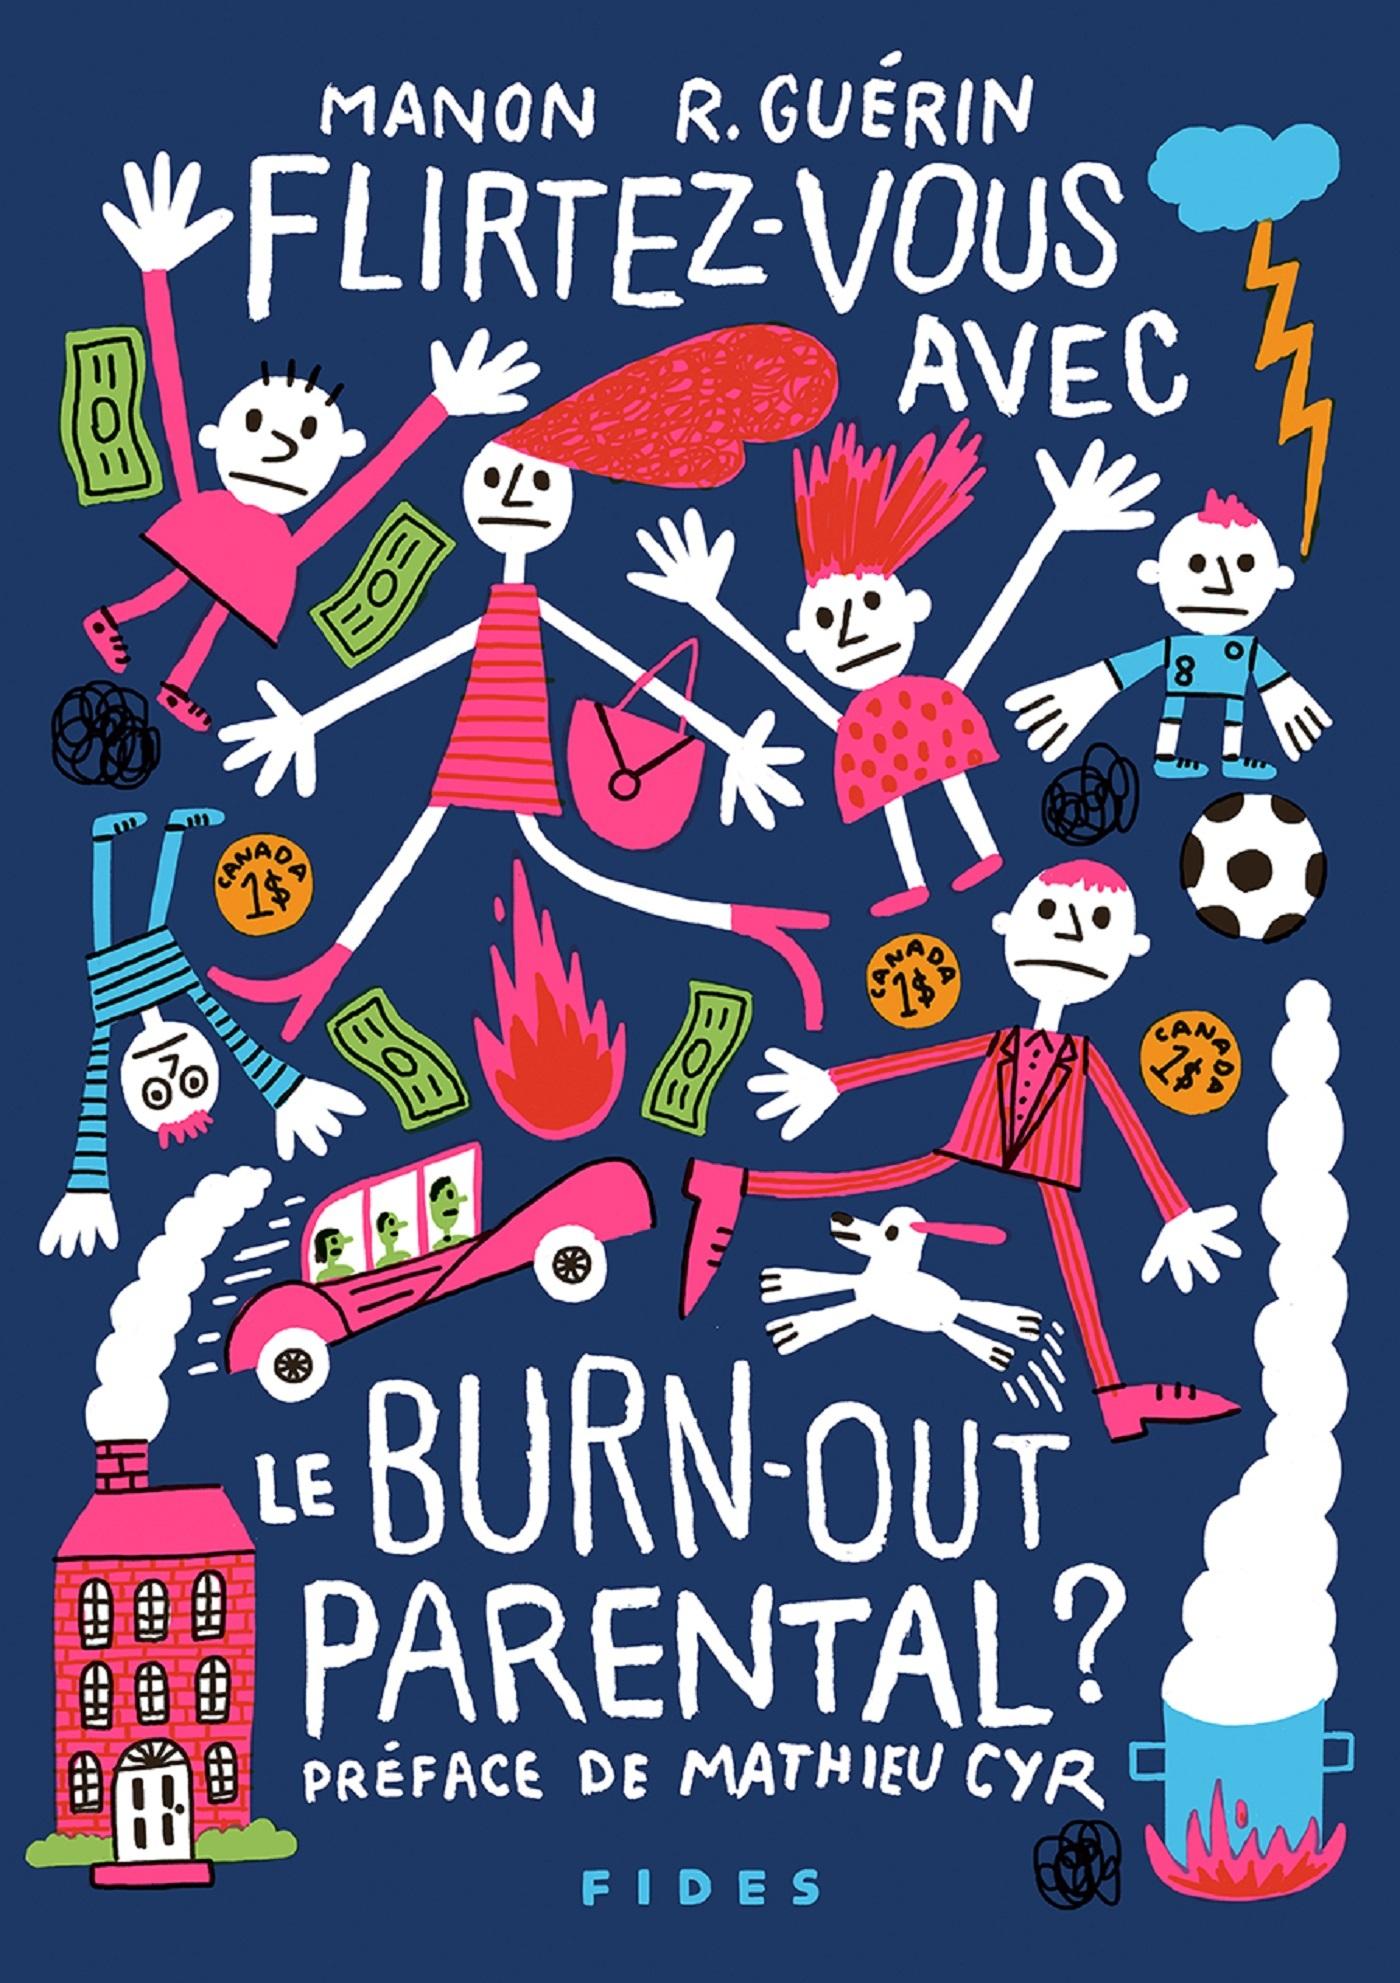 FLIRTEZ-VOUS AVEC LE BURN-OUT PARENTAL